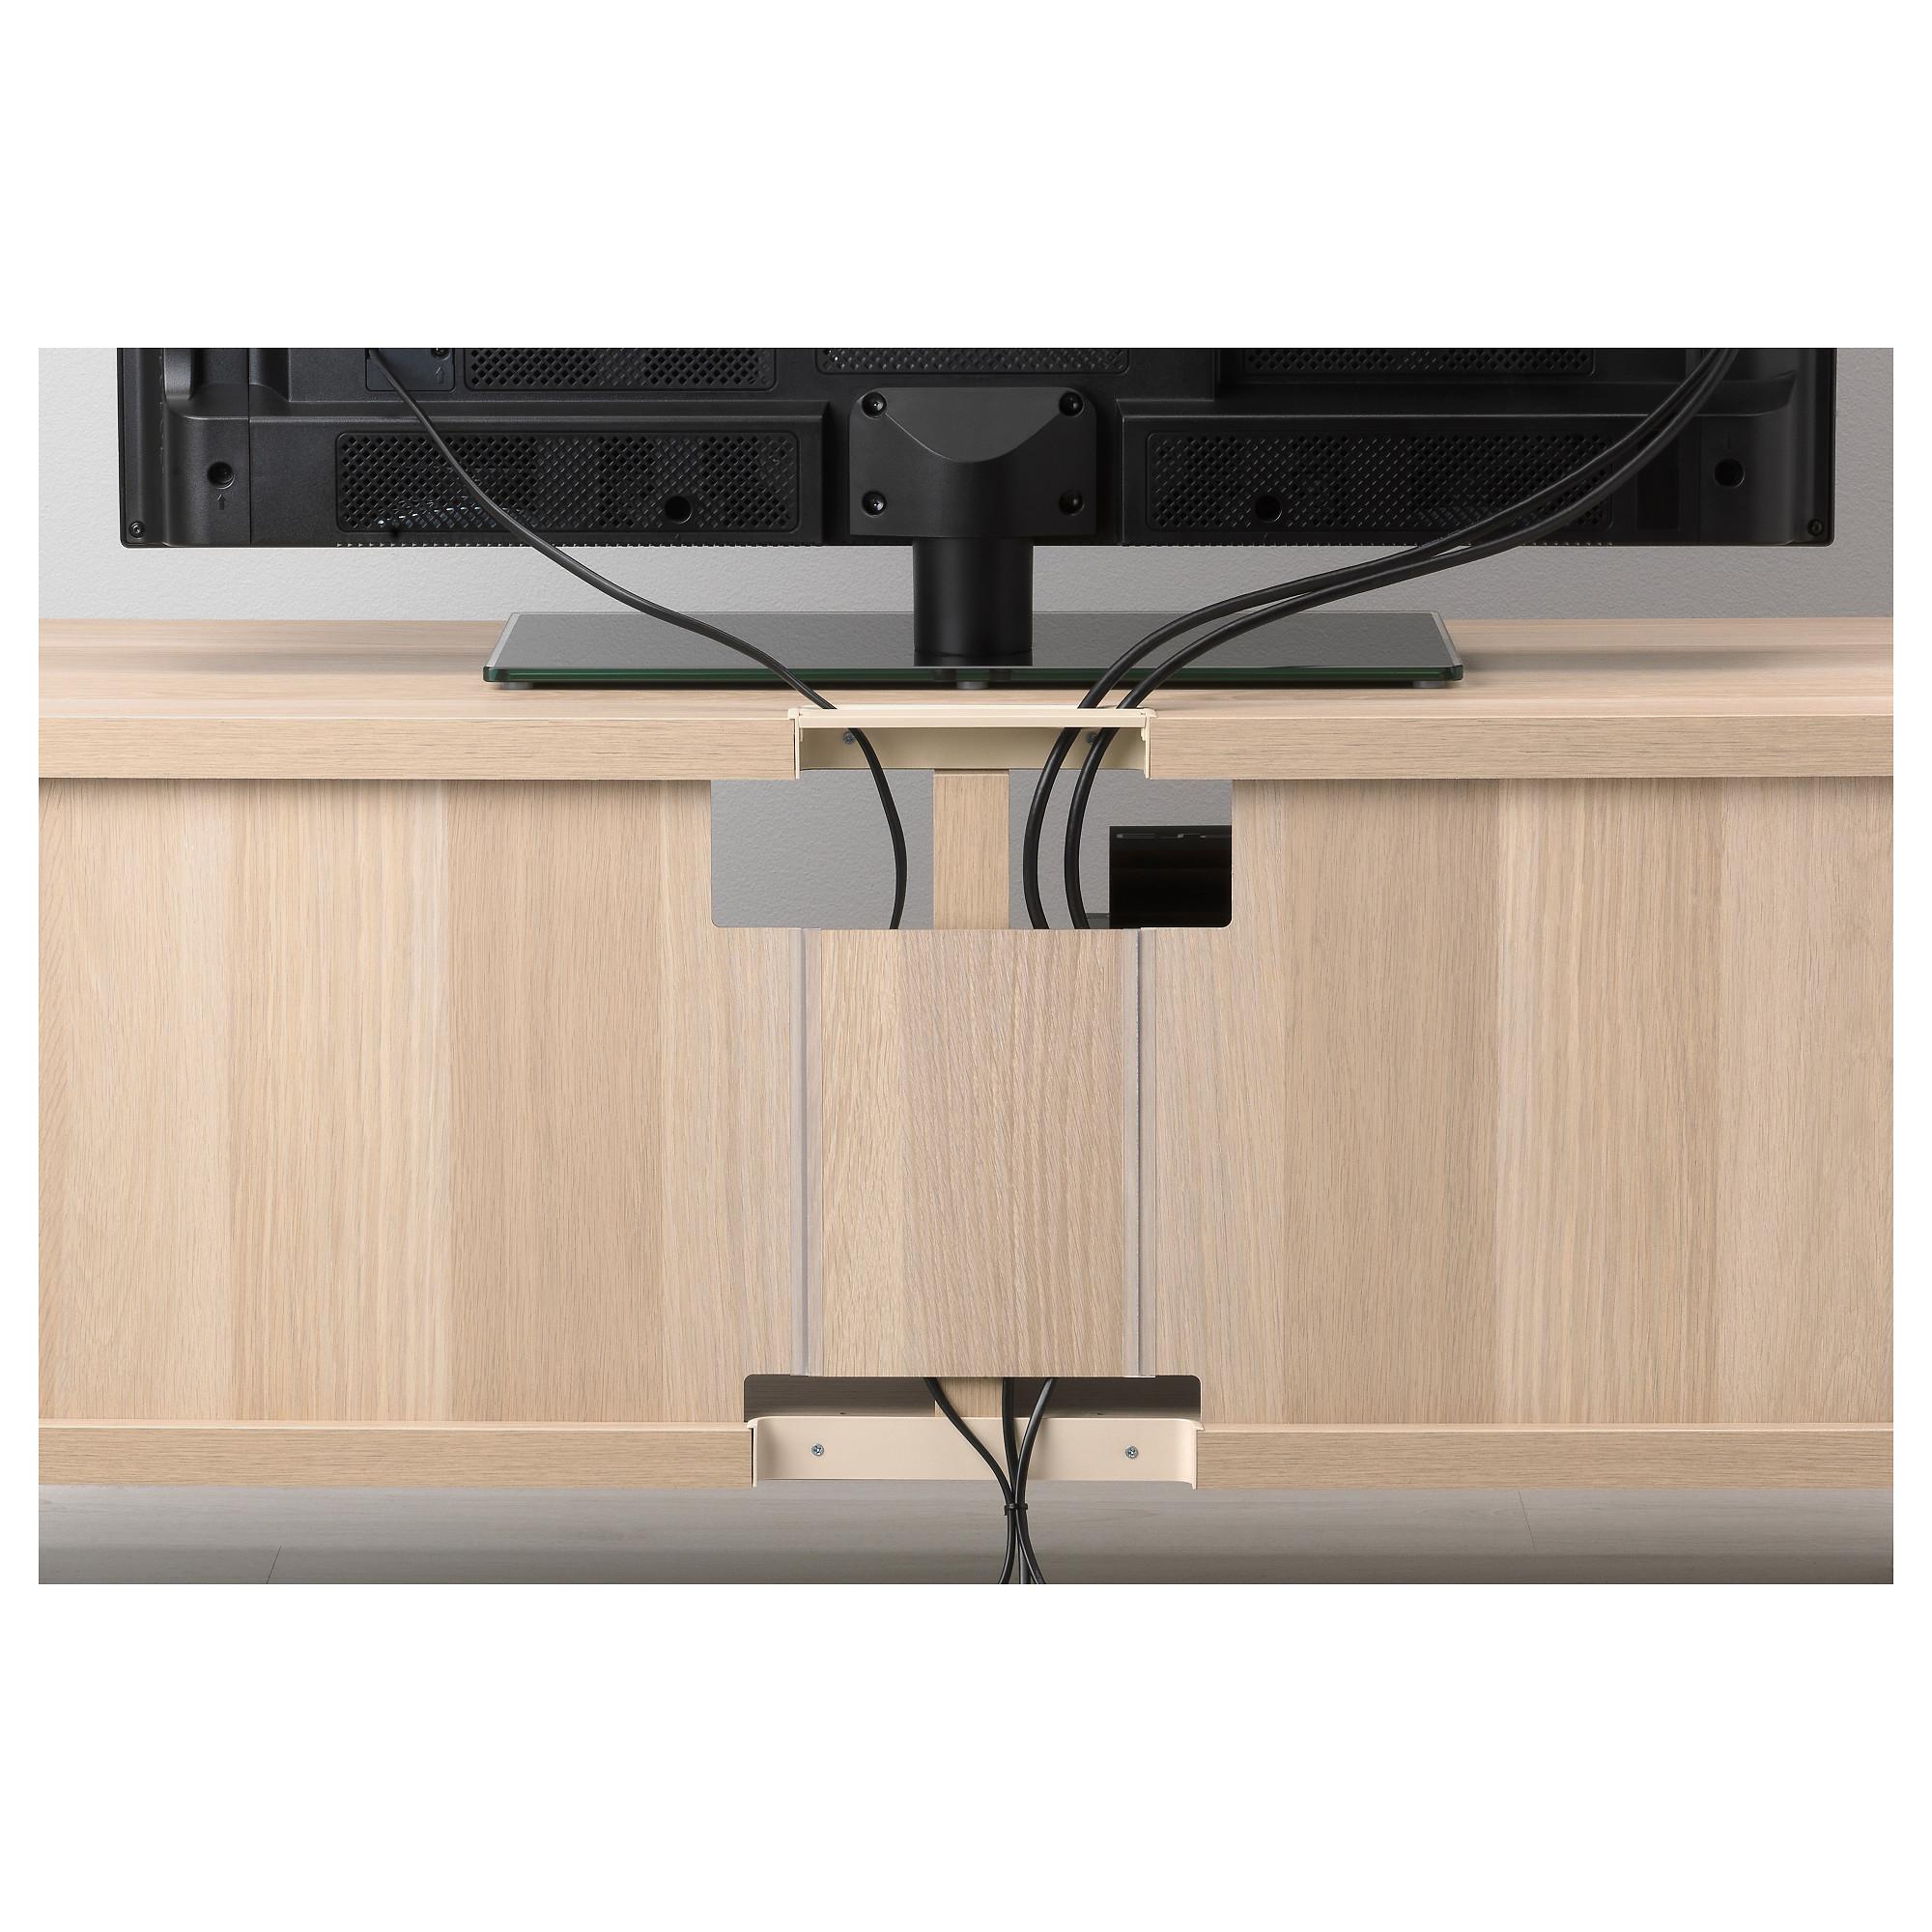 Шкаф для ТВ, комбинация БЕСТО темно-синий артикуль № 592.761.29 в наличии. Интернет каталог IKEA РБ. Быстрая доставка и соборка.